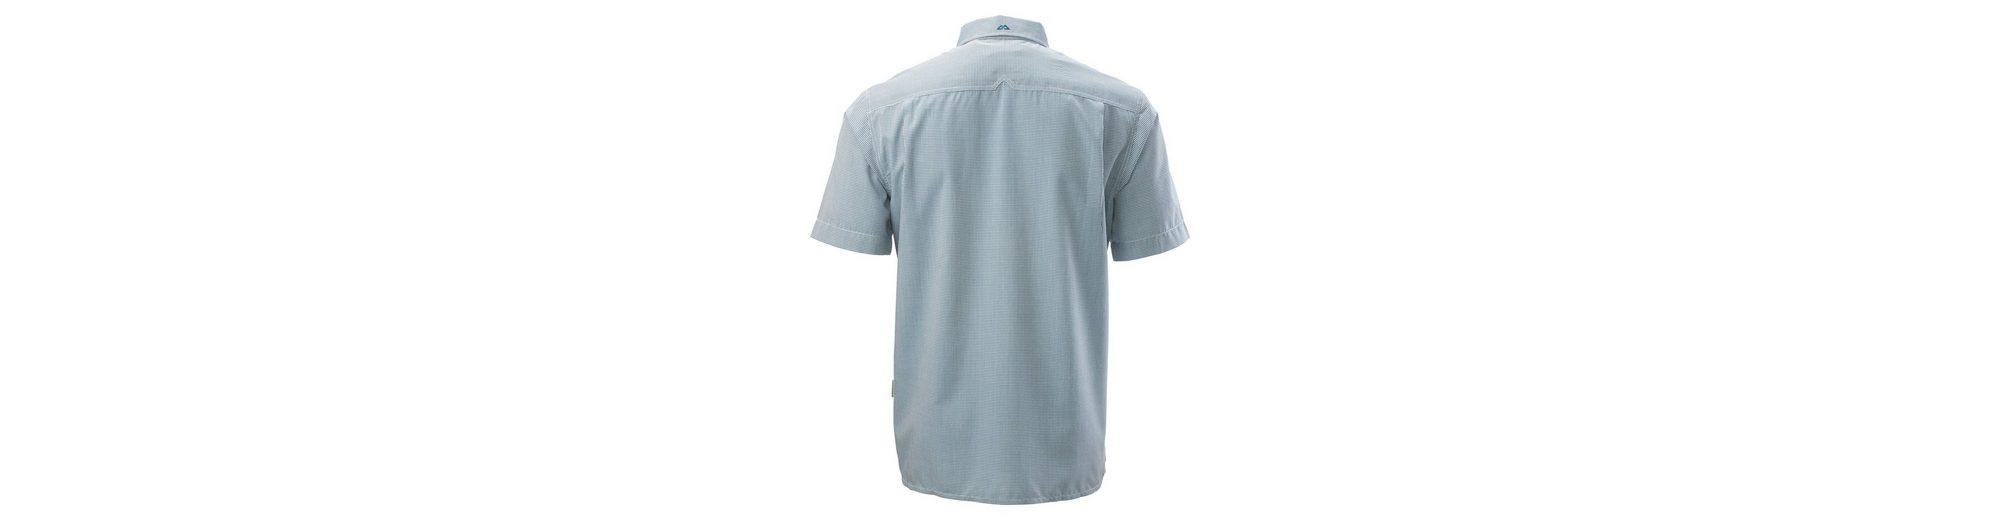 Verkauf Verkauf Online Verkaufsfachmann Kathmandu Leichtes Reisehemd Tipu Günstig Kaufen Großen Verkauf  Um Online Bestellen Günstigen Preis S9cvE